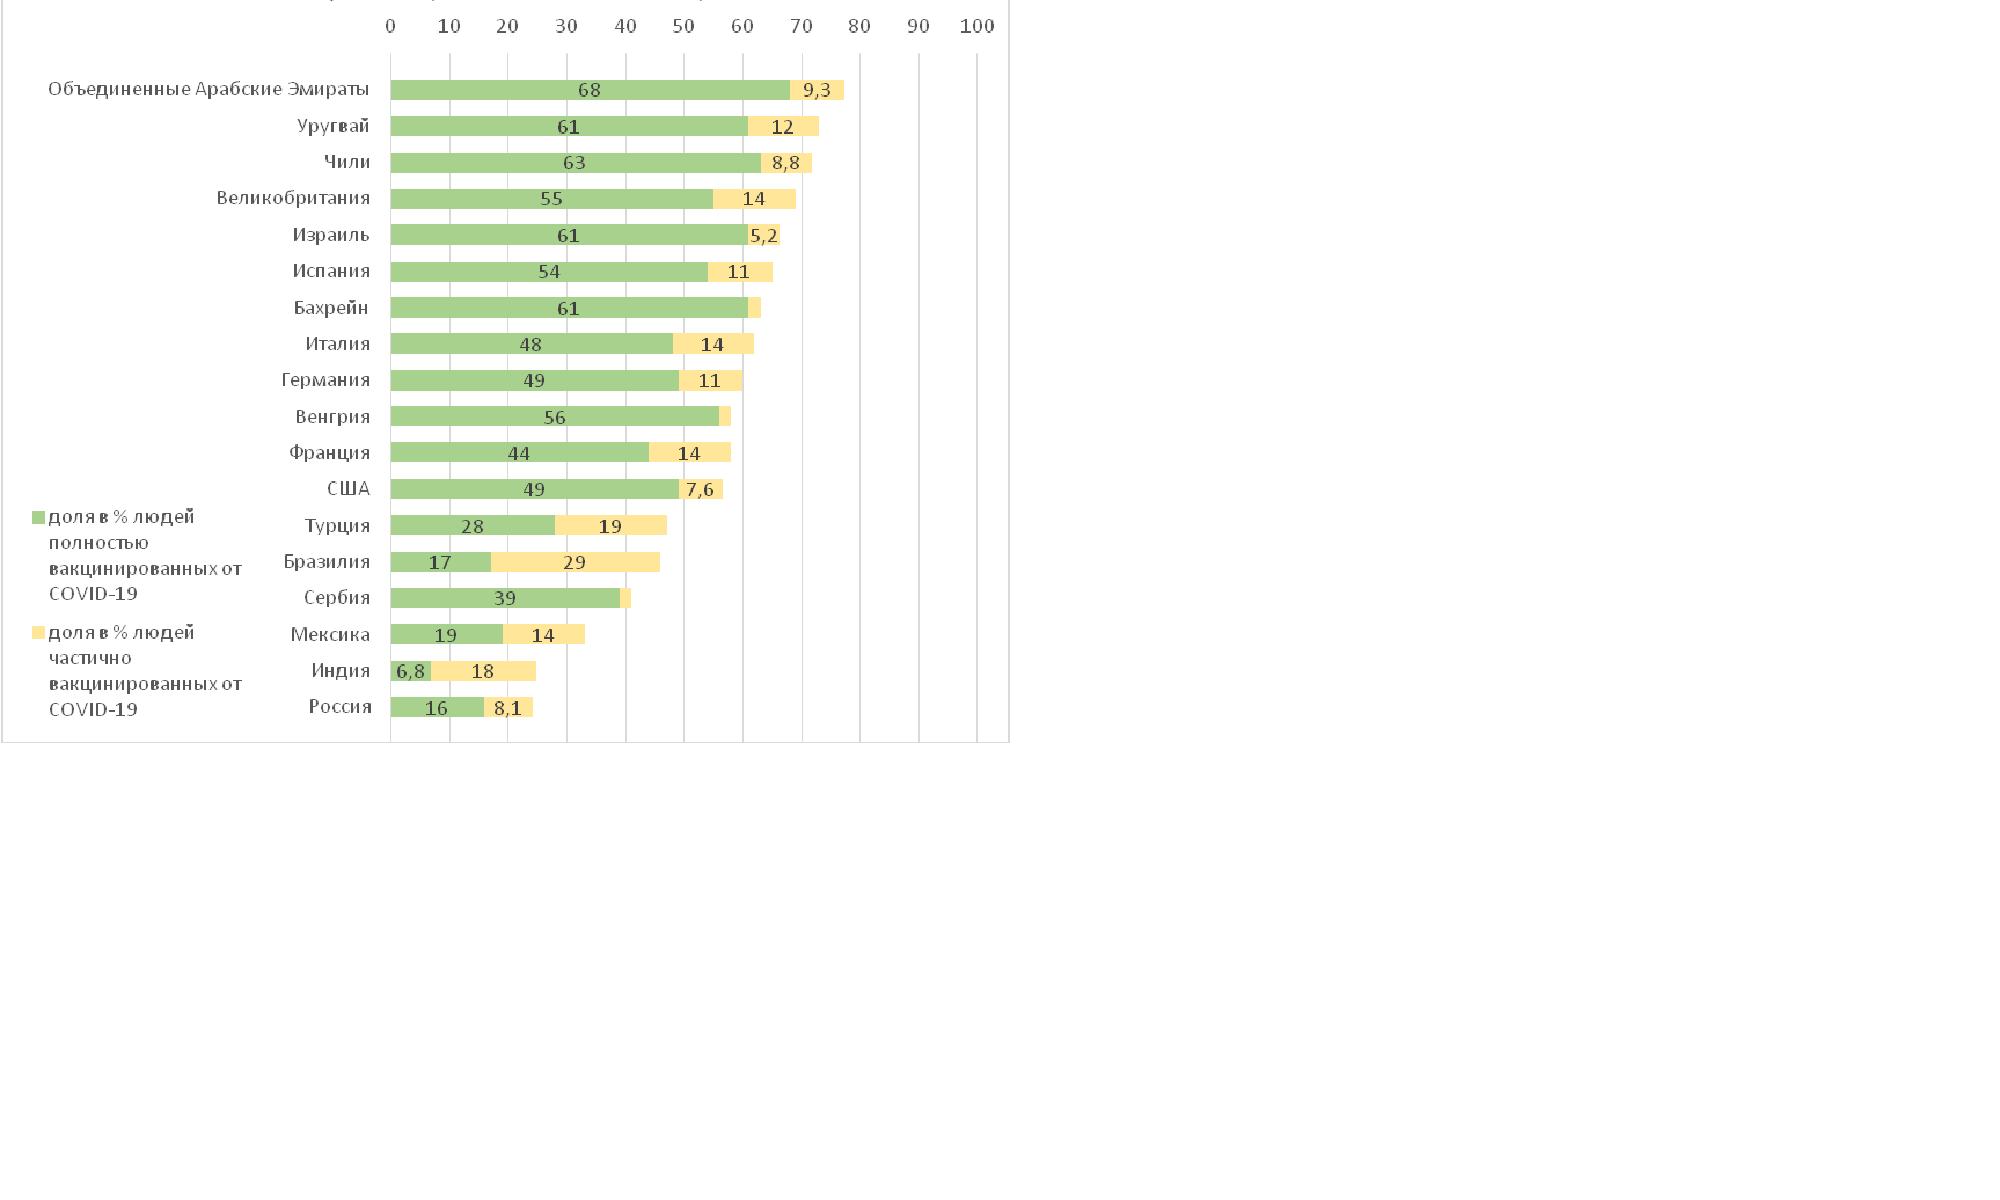 Доля людей, вакцинированных от COVID-19 по странам (на 25 июля 2021 г.)  Our World in Data. >>>